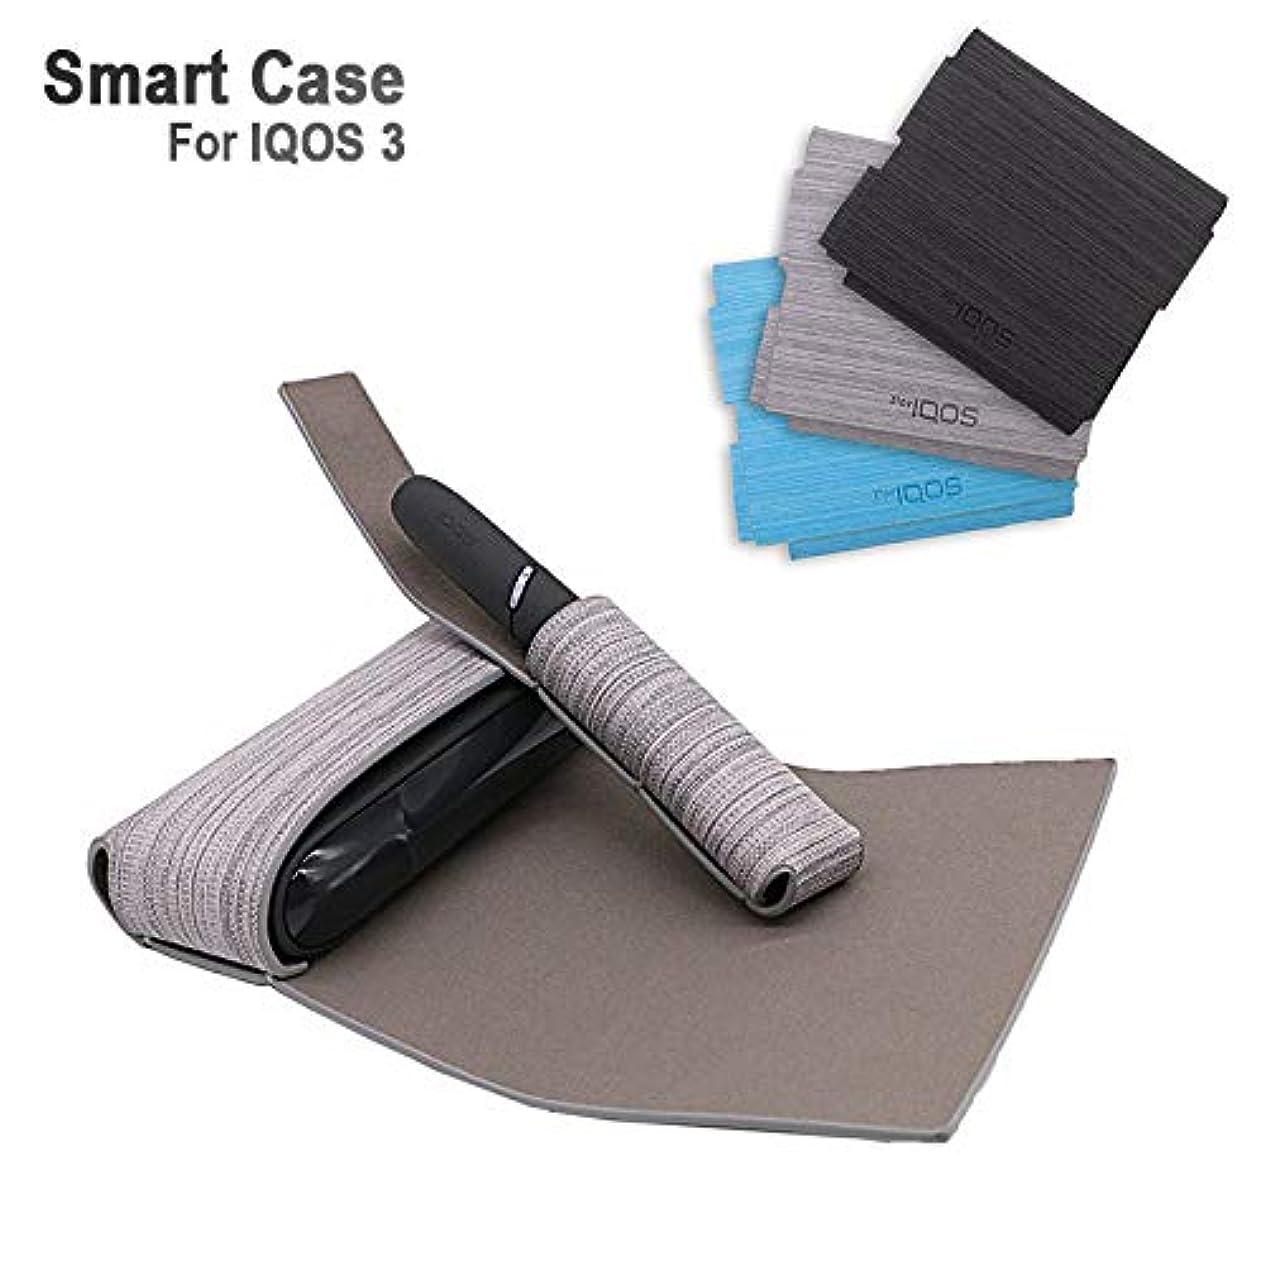 ごめんなさい漏斗適応する【AMARITU】For IQOS3 Smart Case 収納ケース 分離可能 アイコス保護 便利携帯 (グレー)